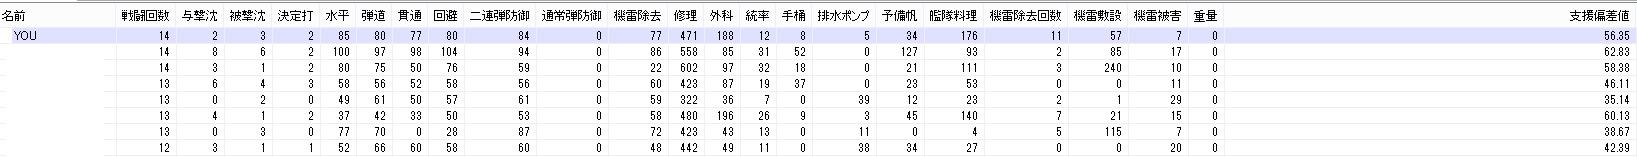 result_20140330014316.jpg